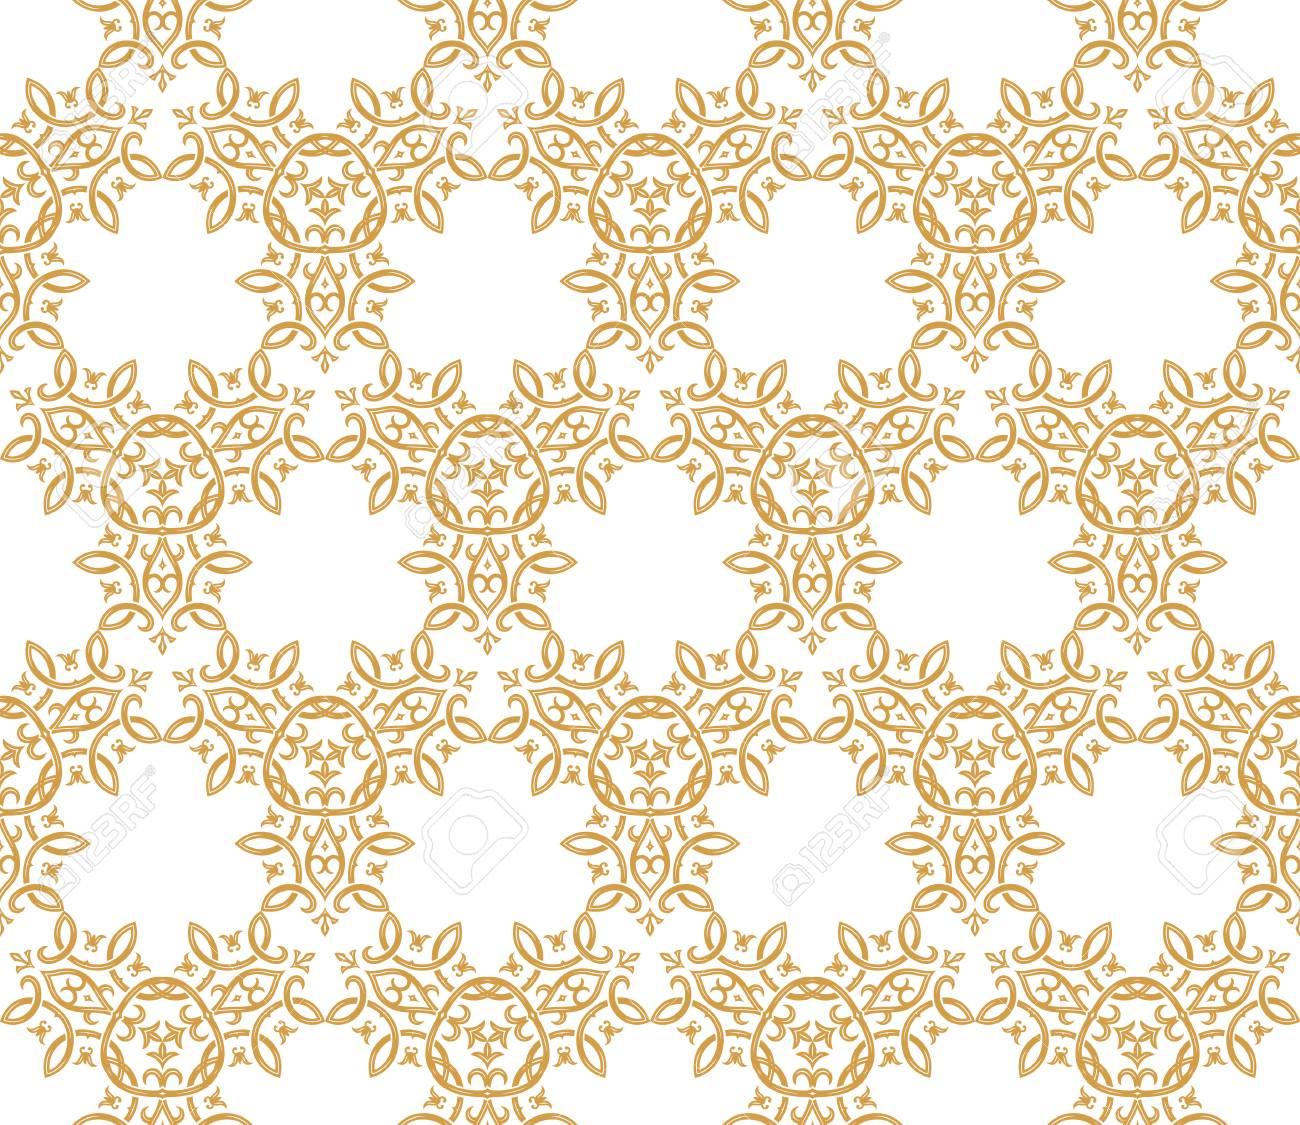 Arriere Plan Transparent Dans Le Style Arabe Or Papier Peint Blanc